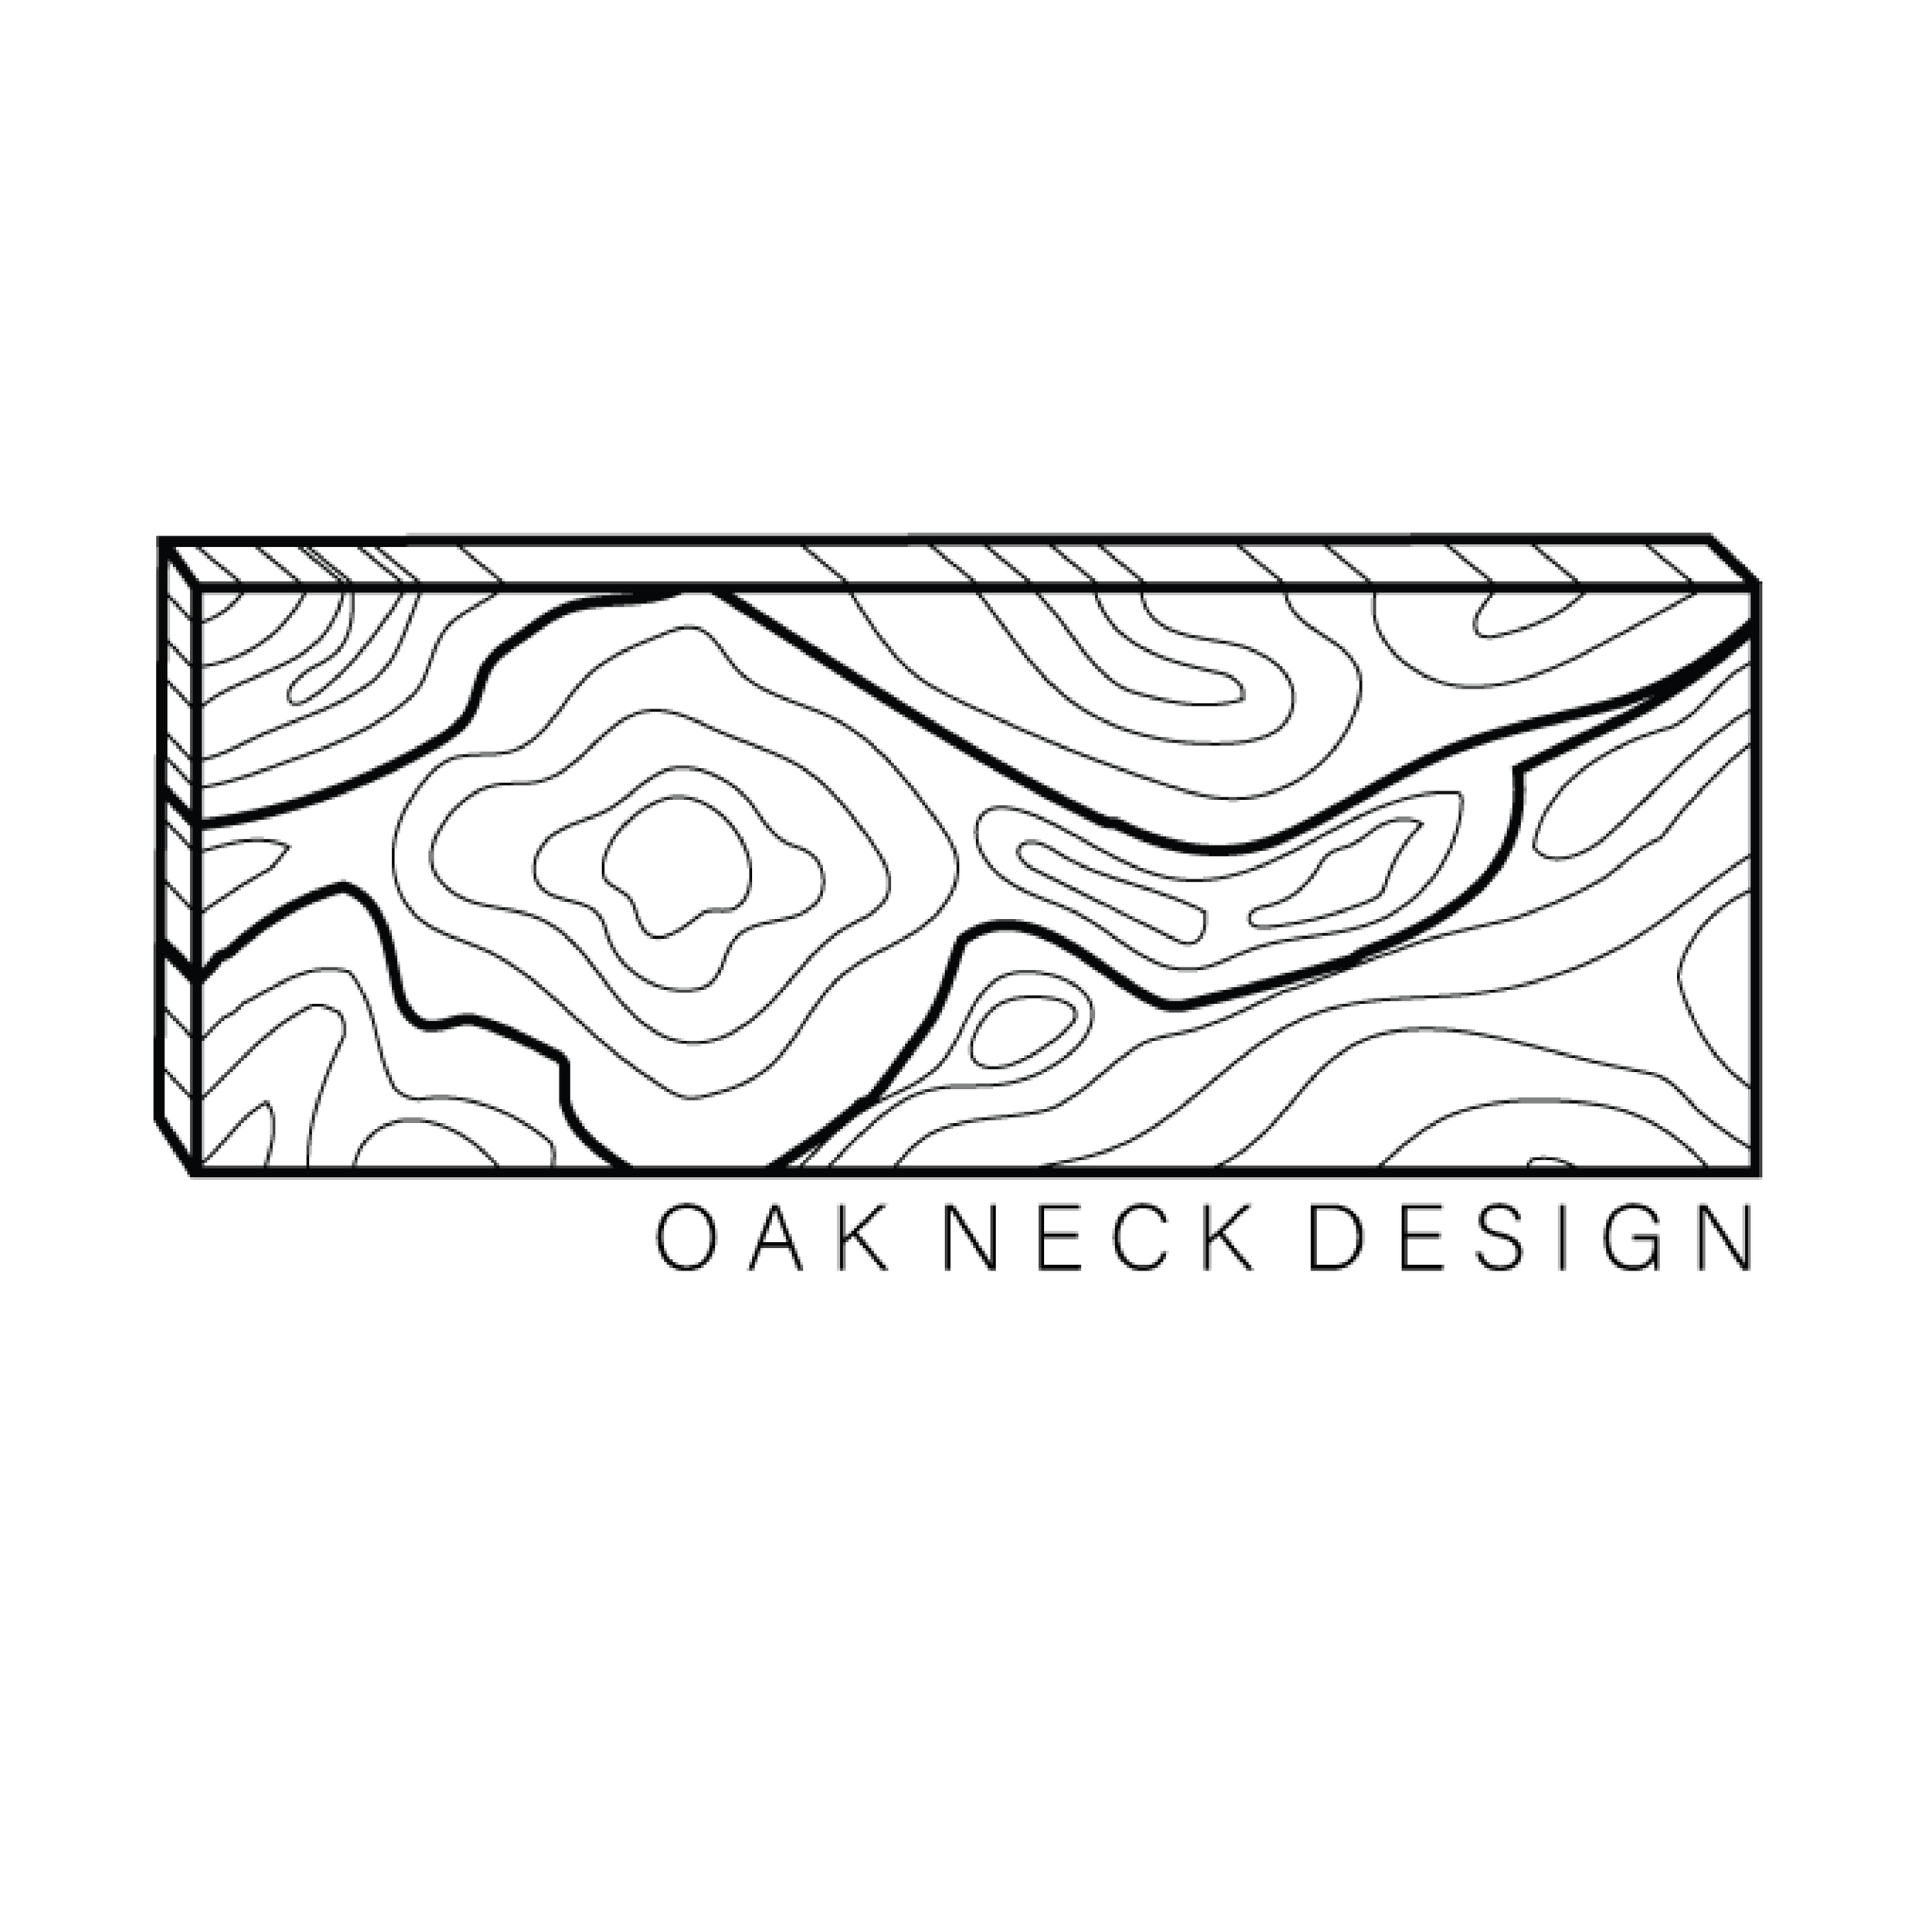 OakNeckDesigns-01.png